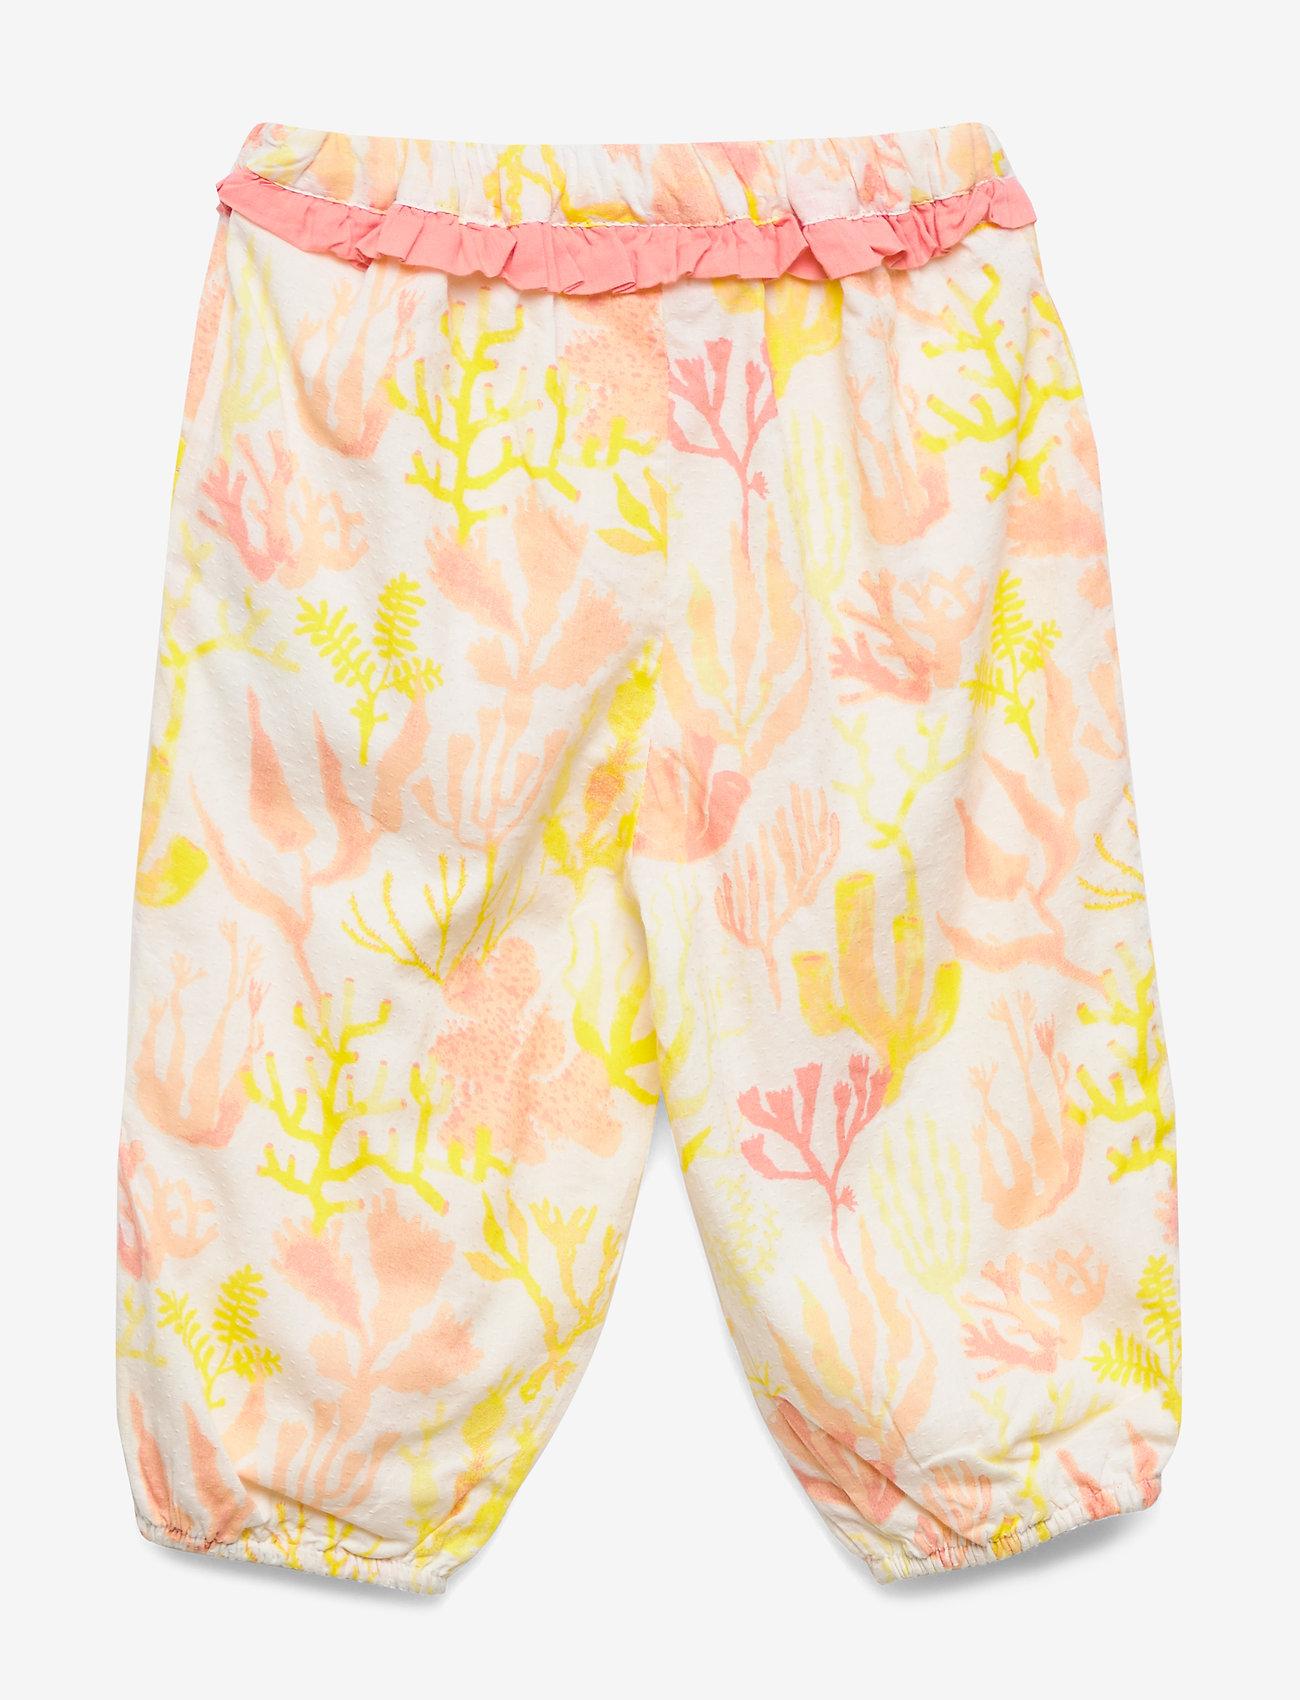 Noa Noa Miniature - Trousers - trousers - whisper white - 1